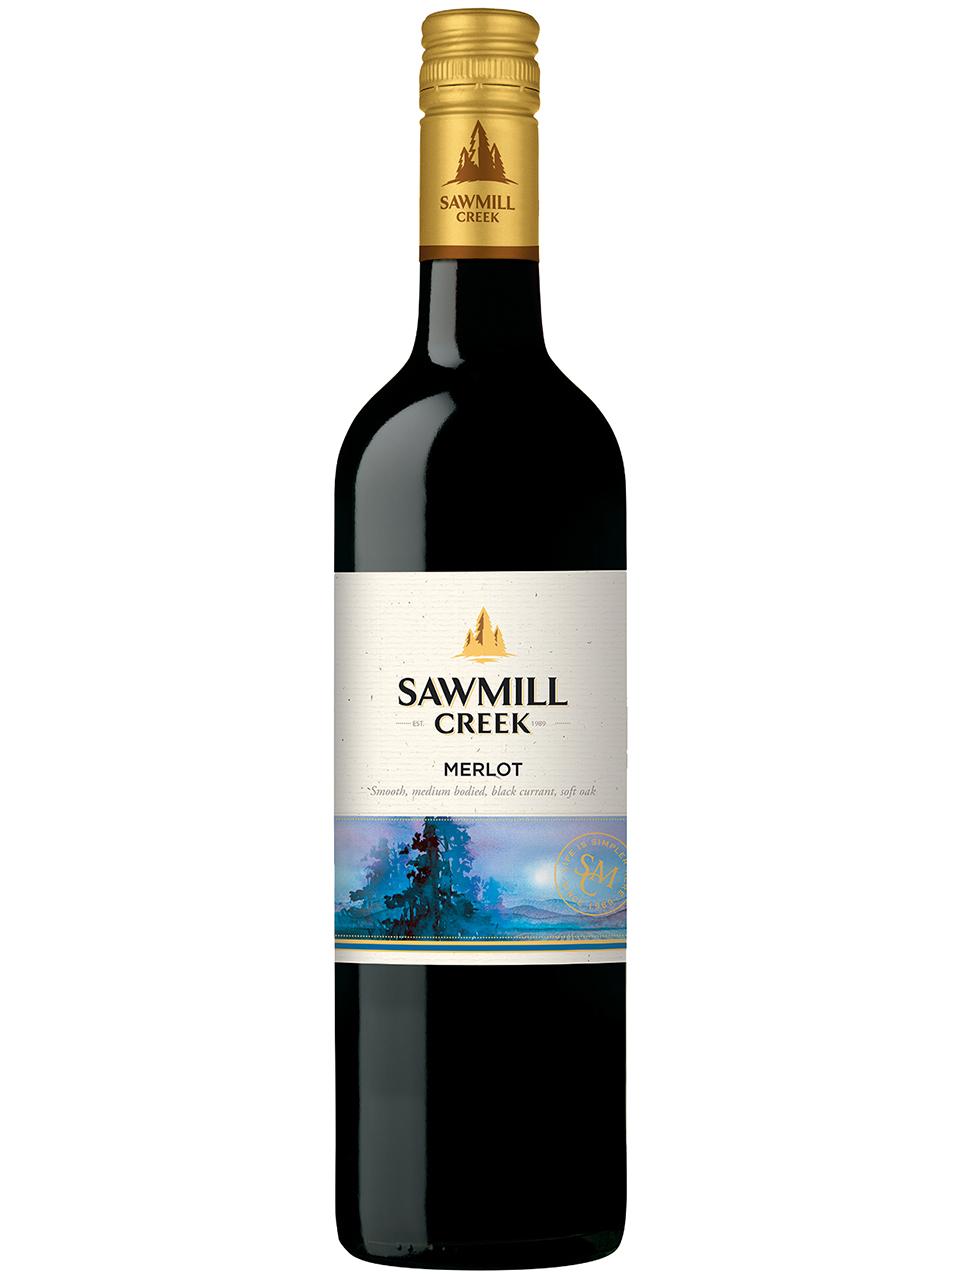 Sawmill Creek Merlot